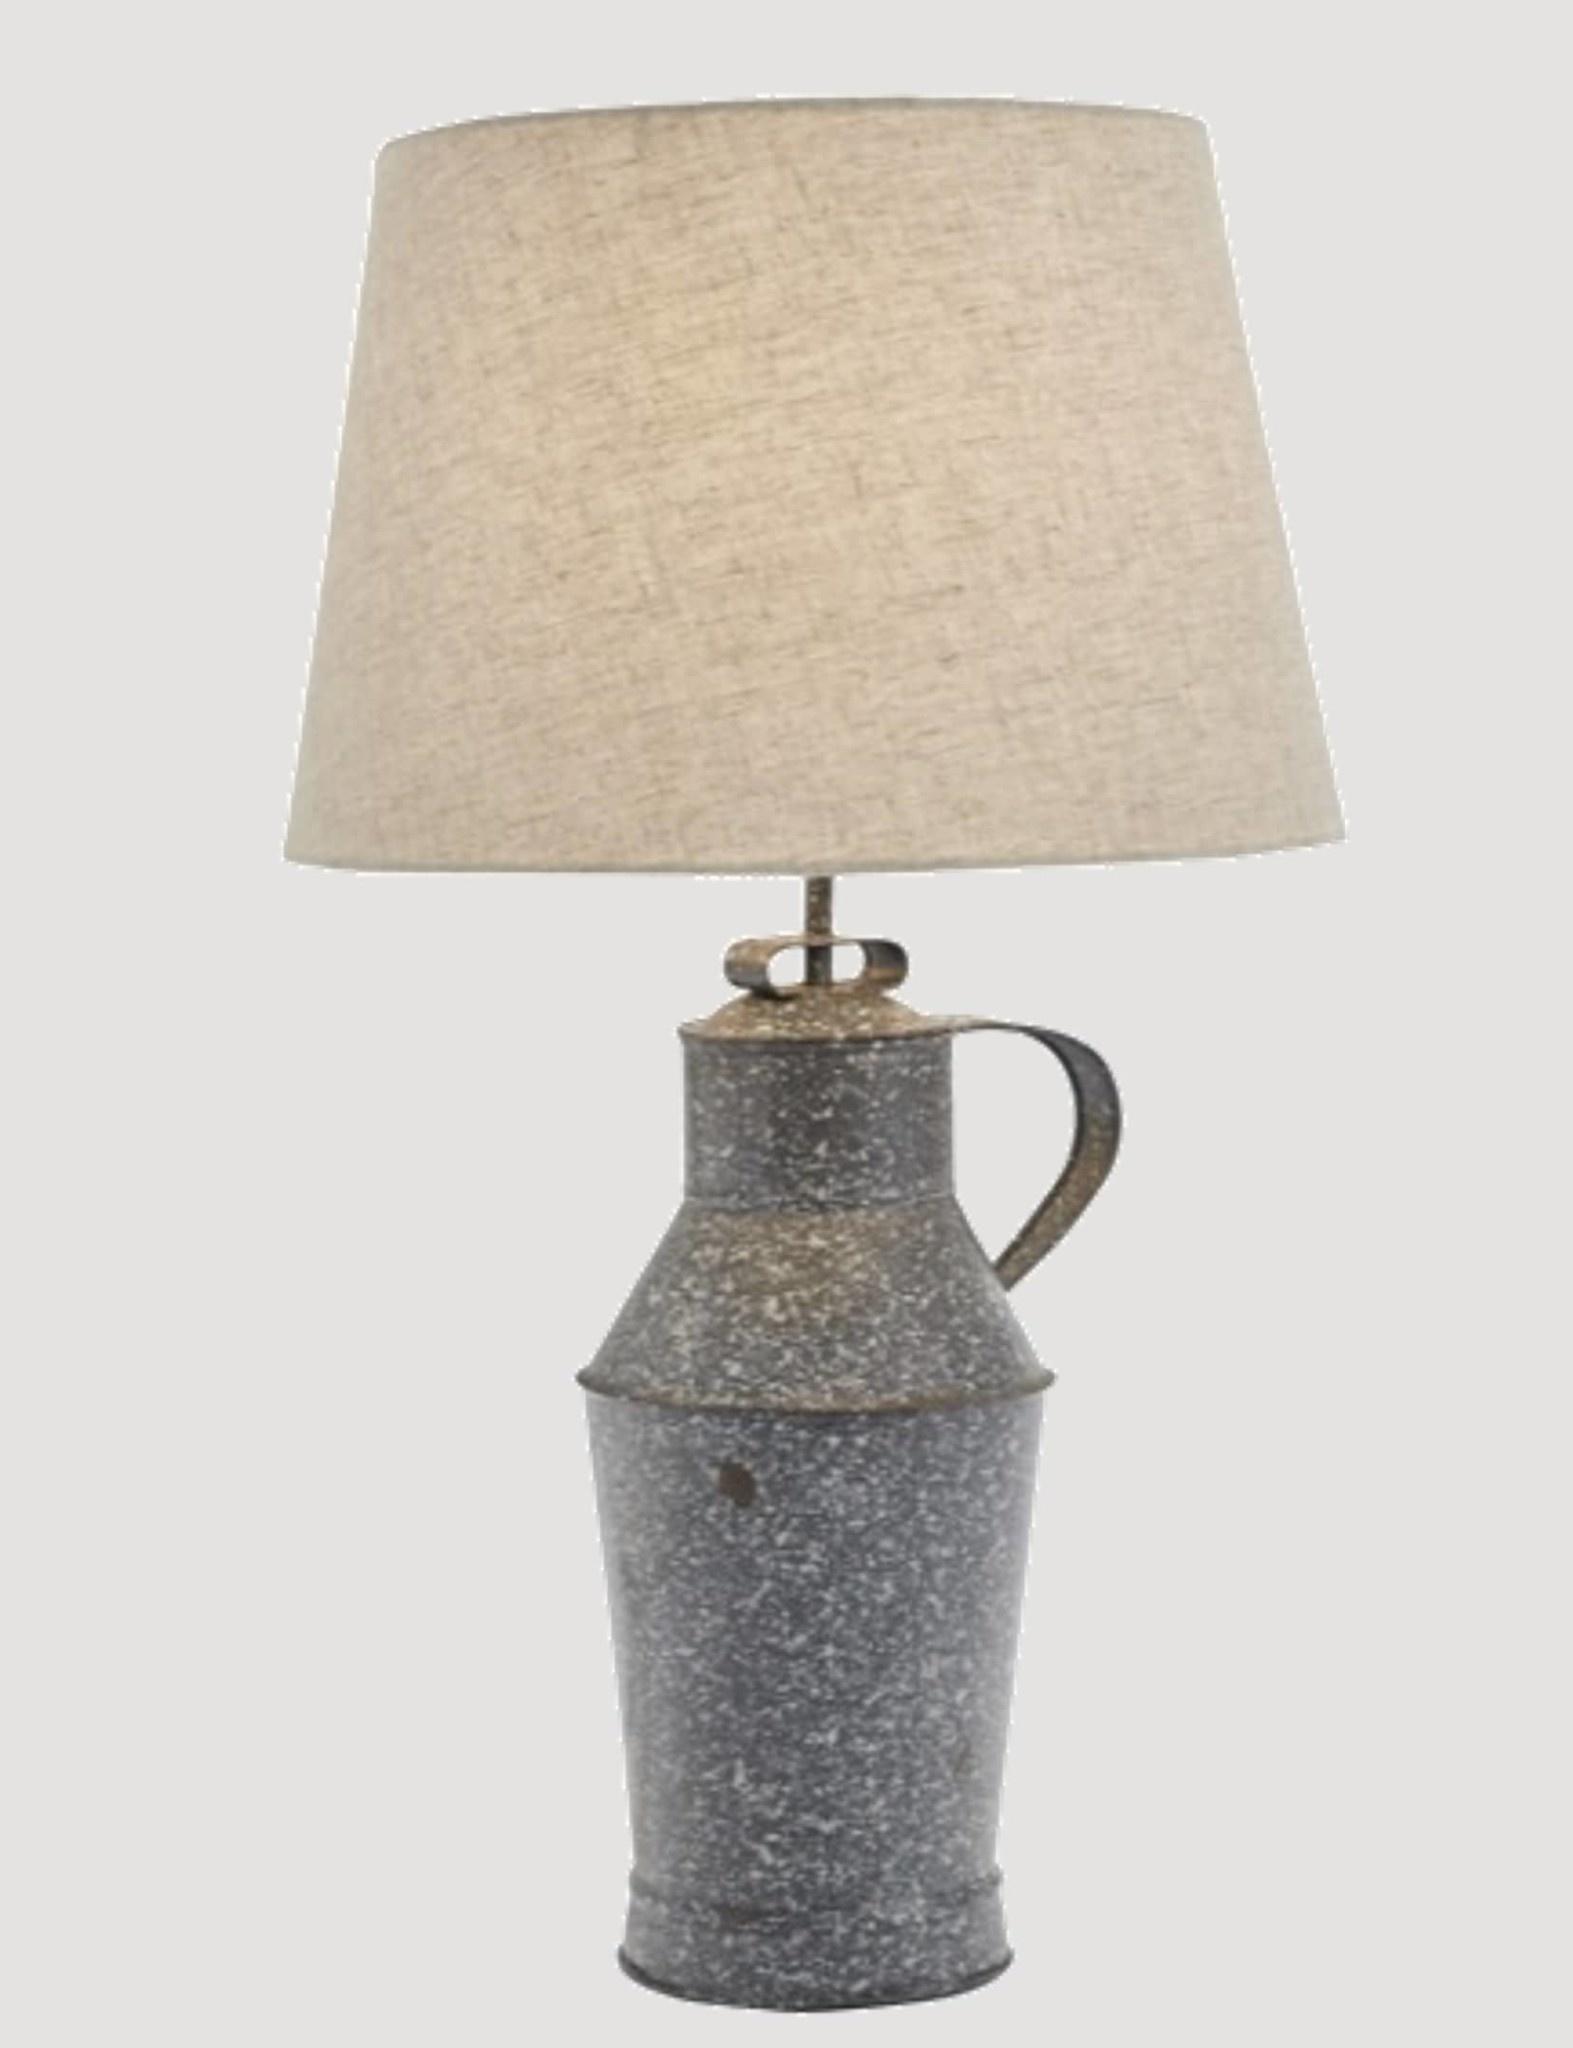 Park Designs Granite Enamelware Milk Can Lamp with Shade Gray